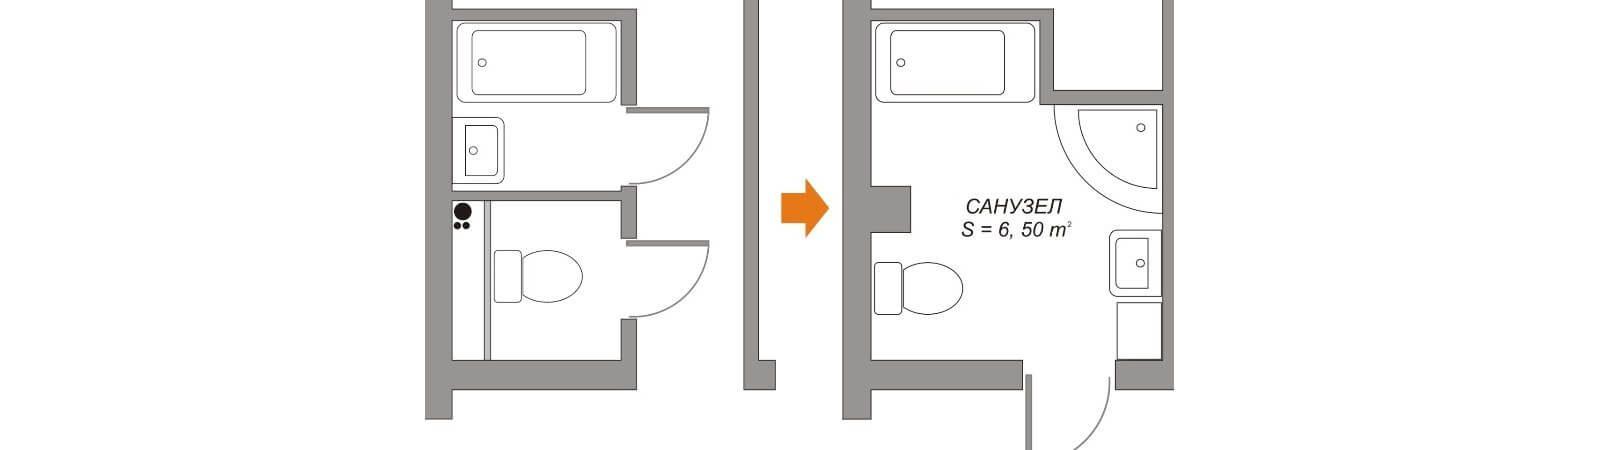 Поєднання санвузла та ванної: варіанти перепланування